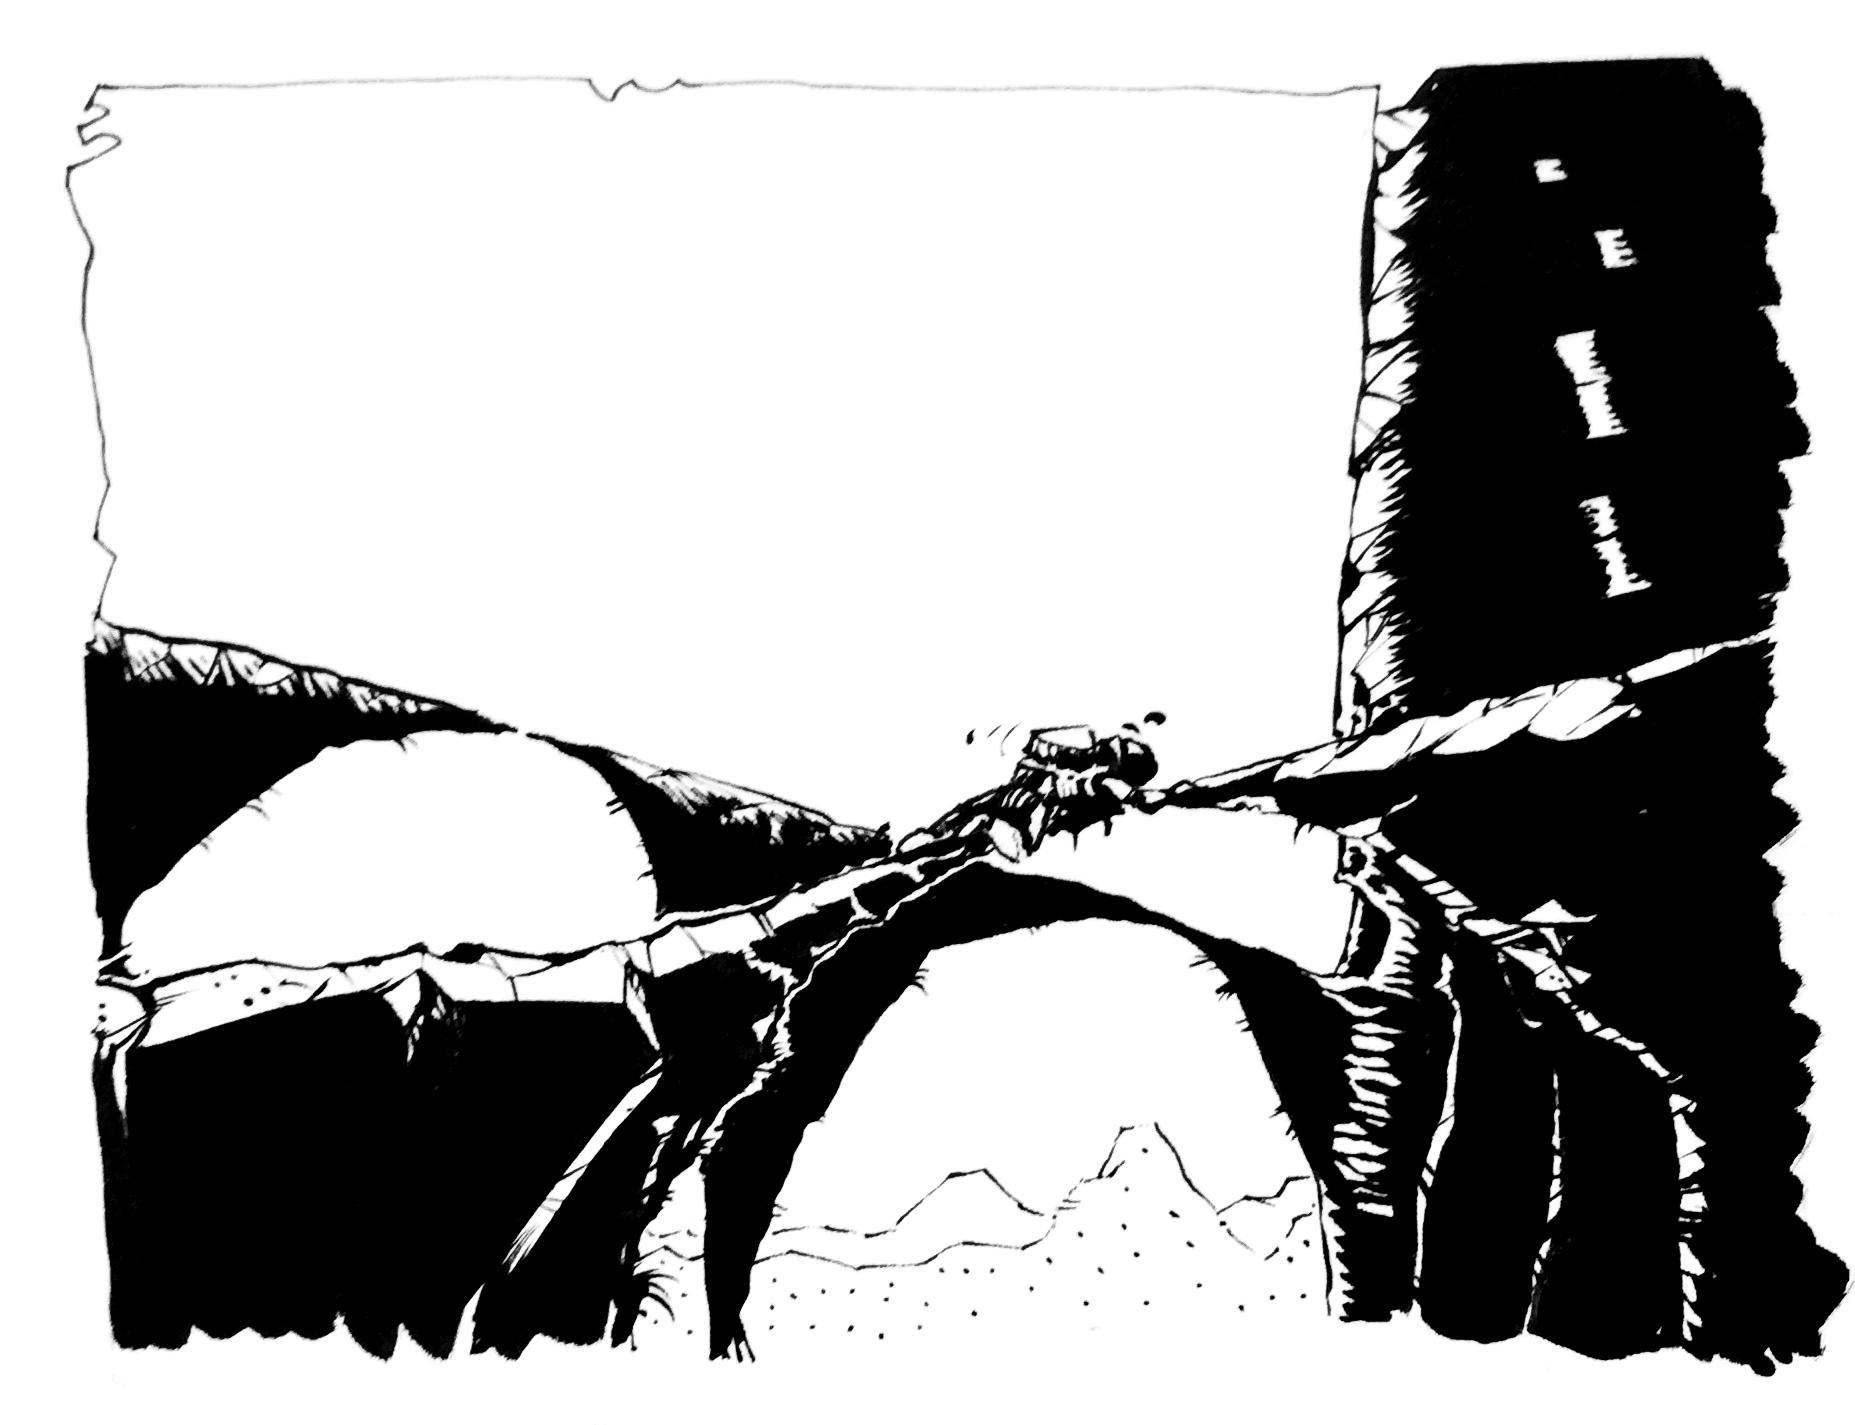 Bridges over sullen waters